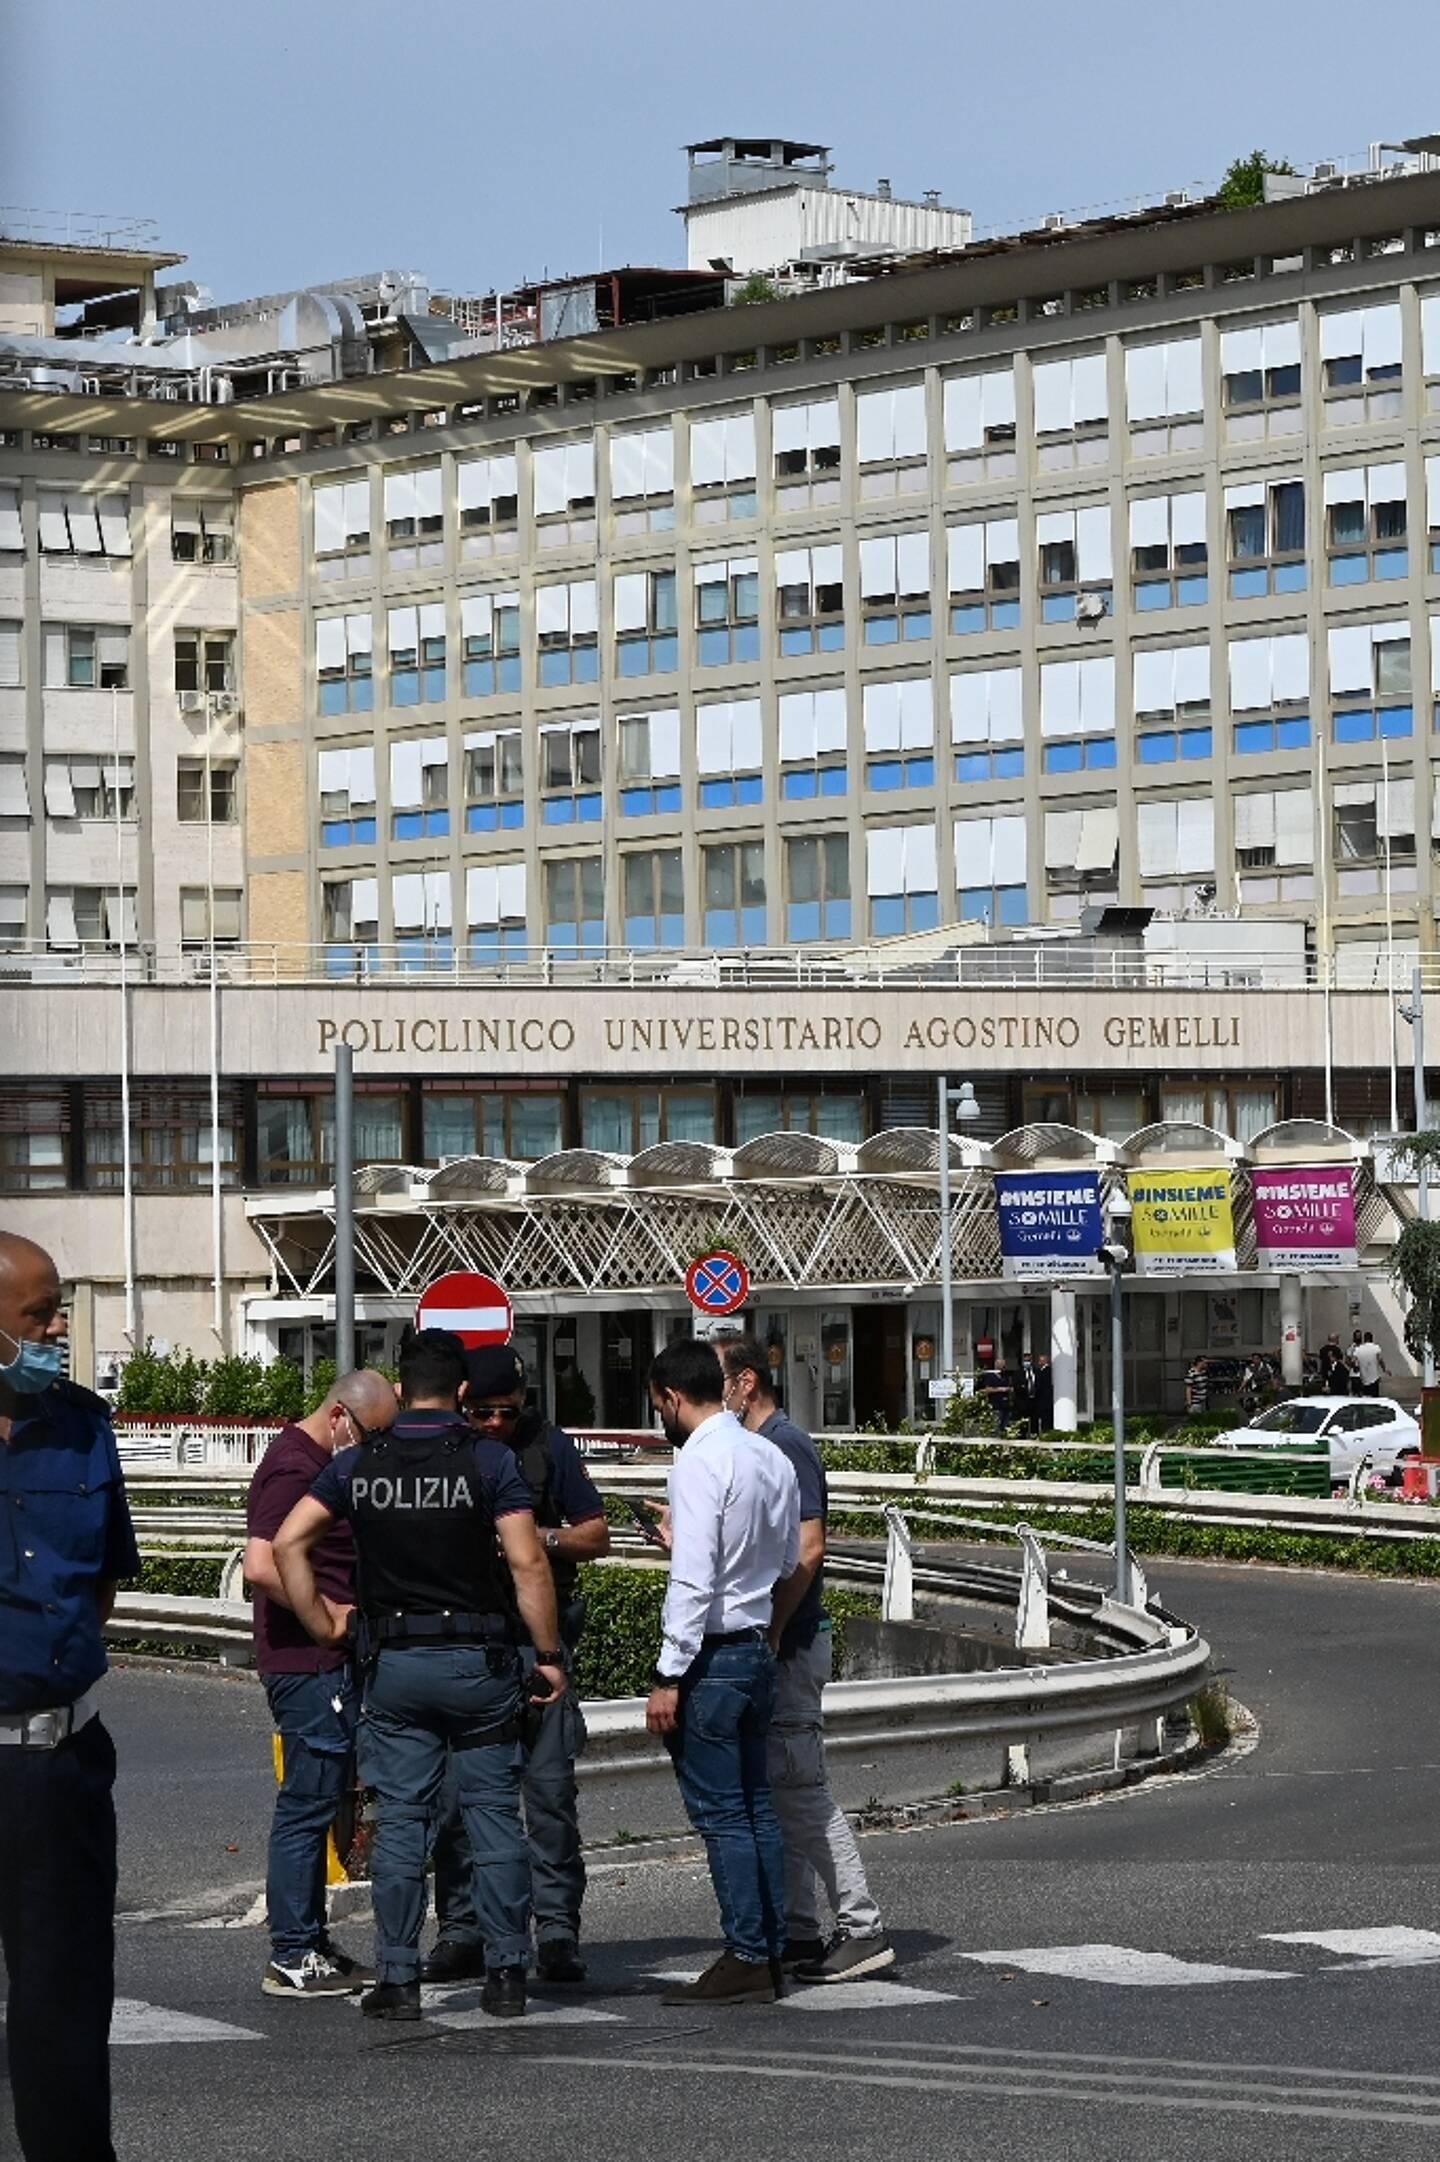 Vue de l'hôpital A. Gemelli de Rome où le pape a subi une intervention chirurgicale programmée pour inflammation du côlon